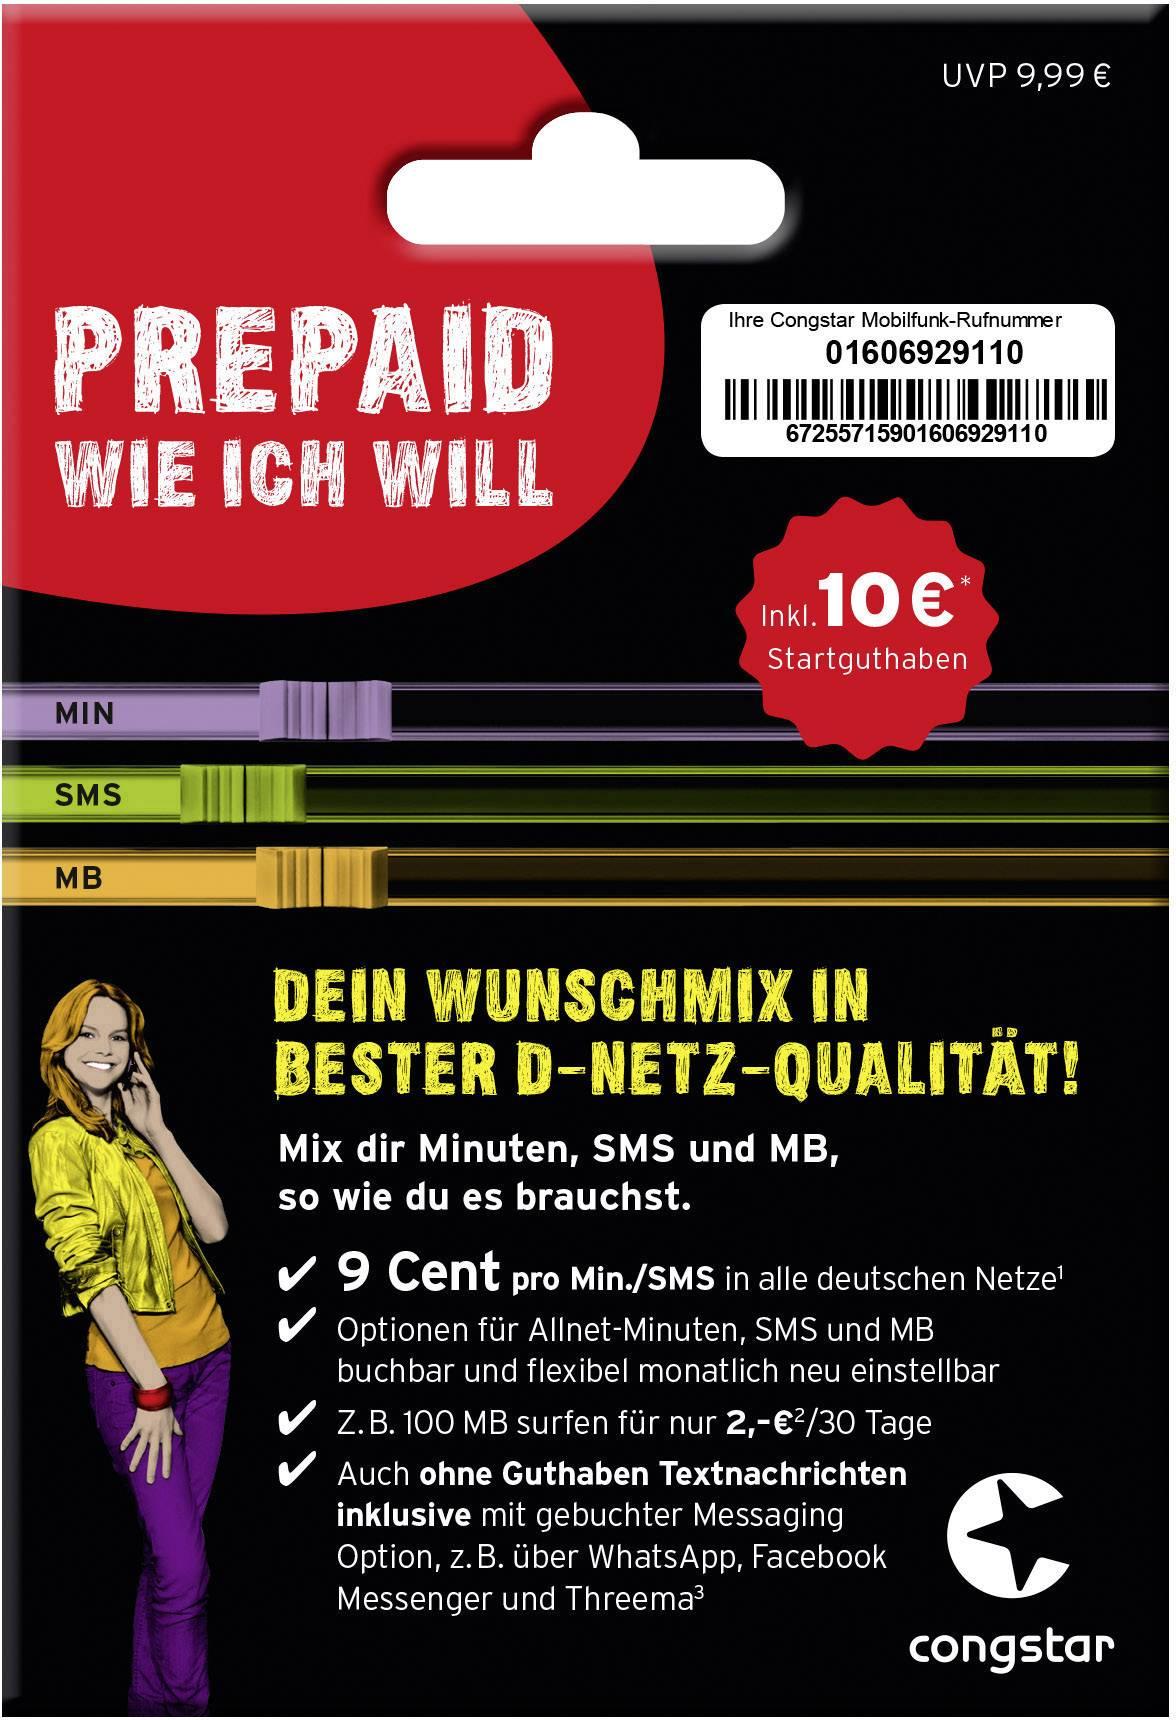 Congstar Prepaid Karte Kaufen.Congstar Starterpaket Wunsch Mix Prepaid Karte Ohne Vertragsbindung